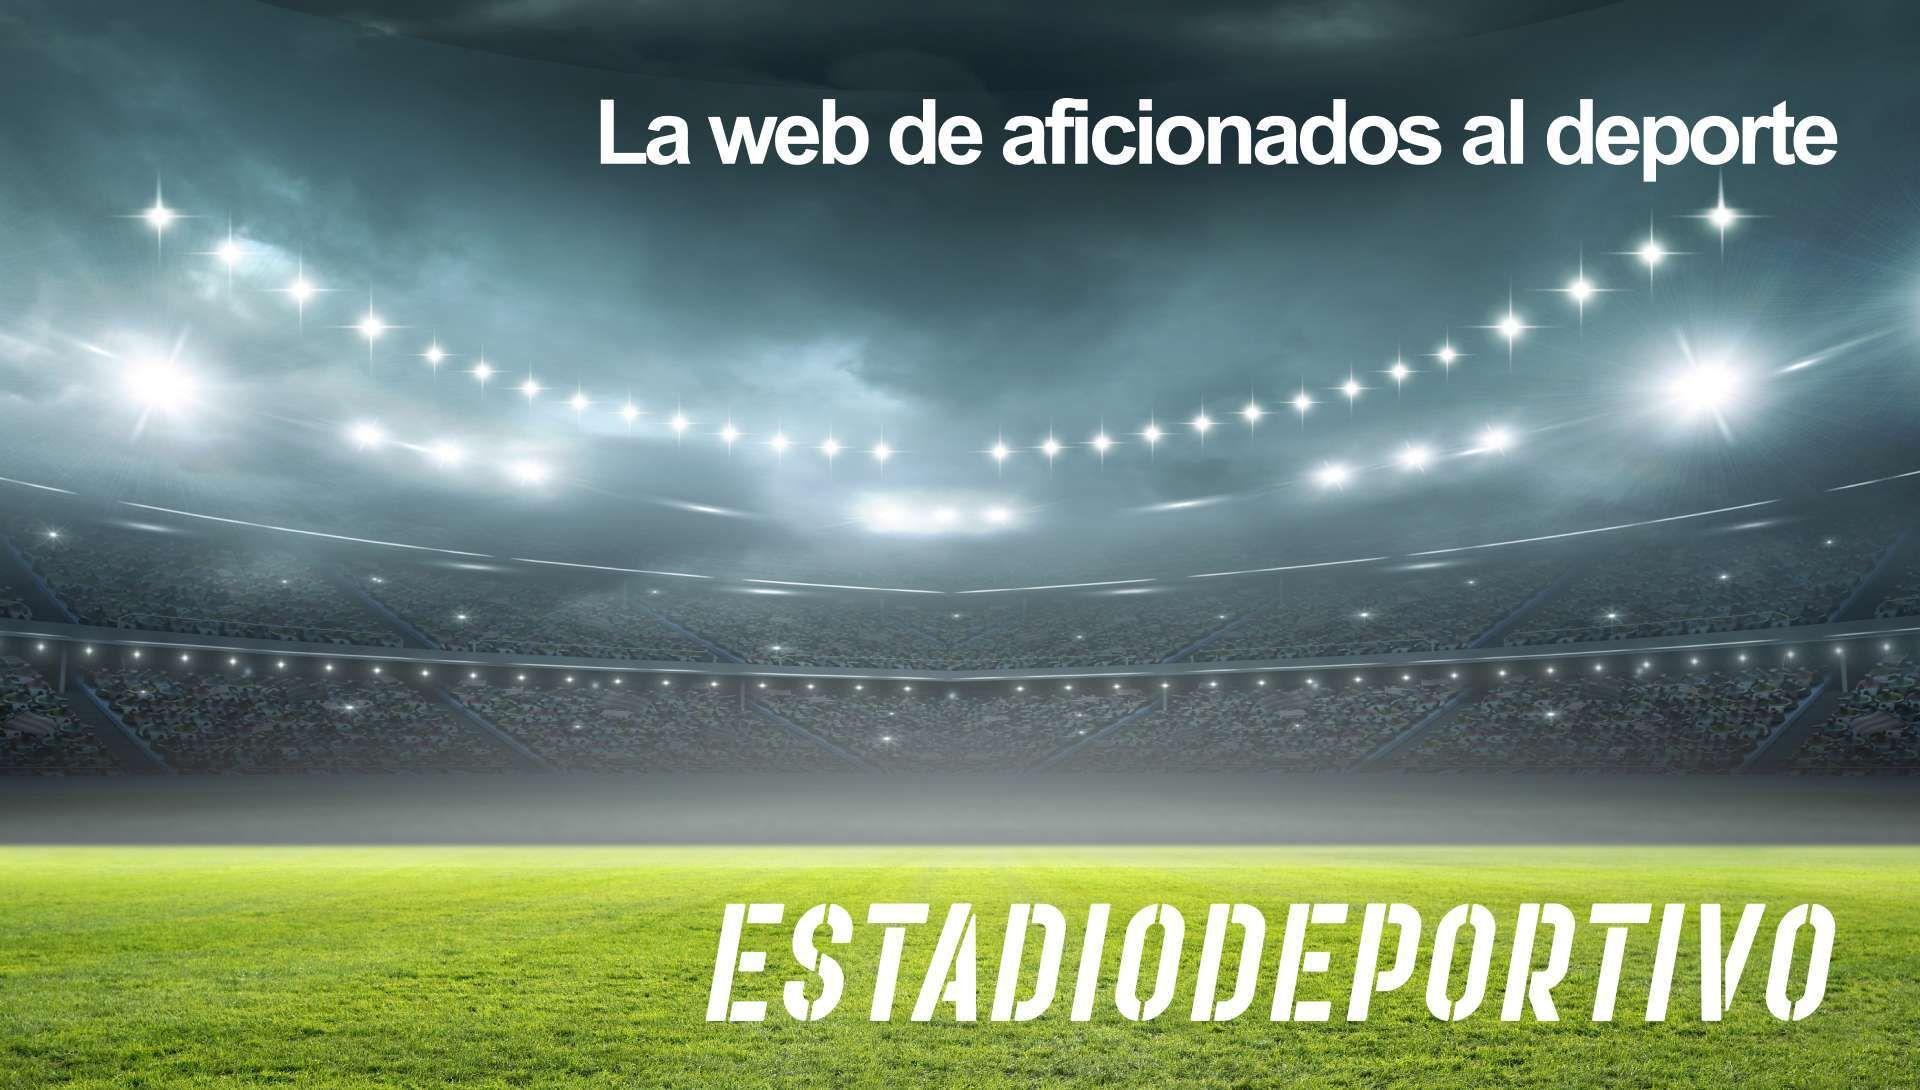 Las portadas del lunes 4 de septiembre